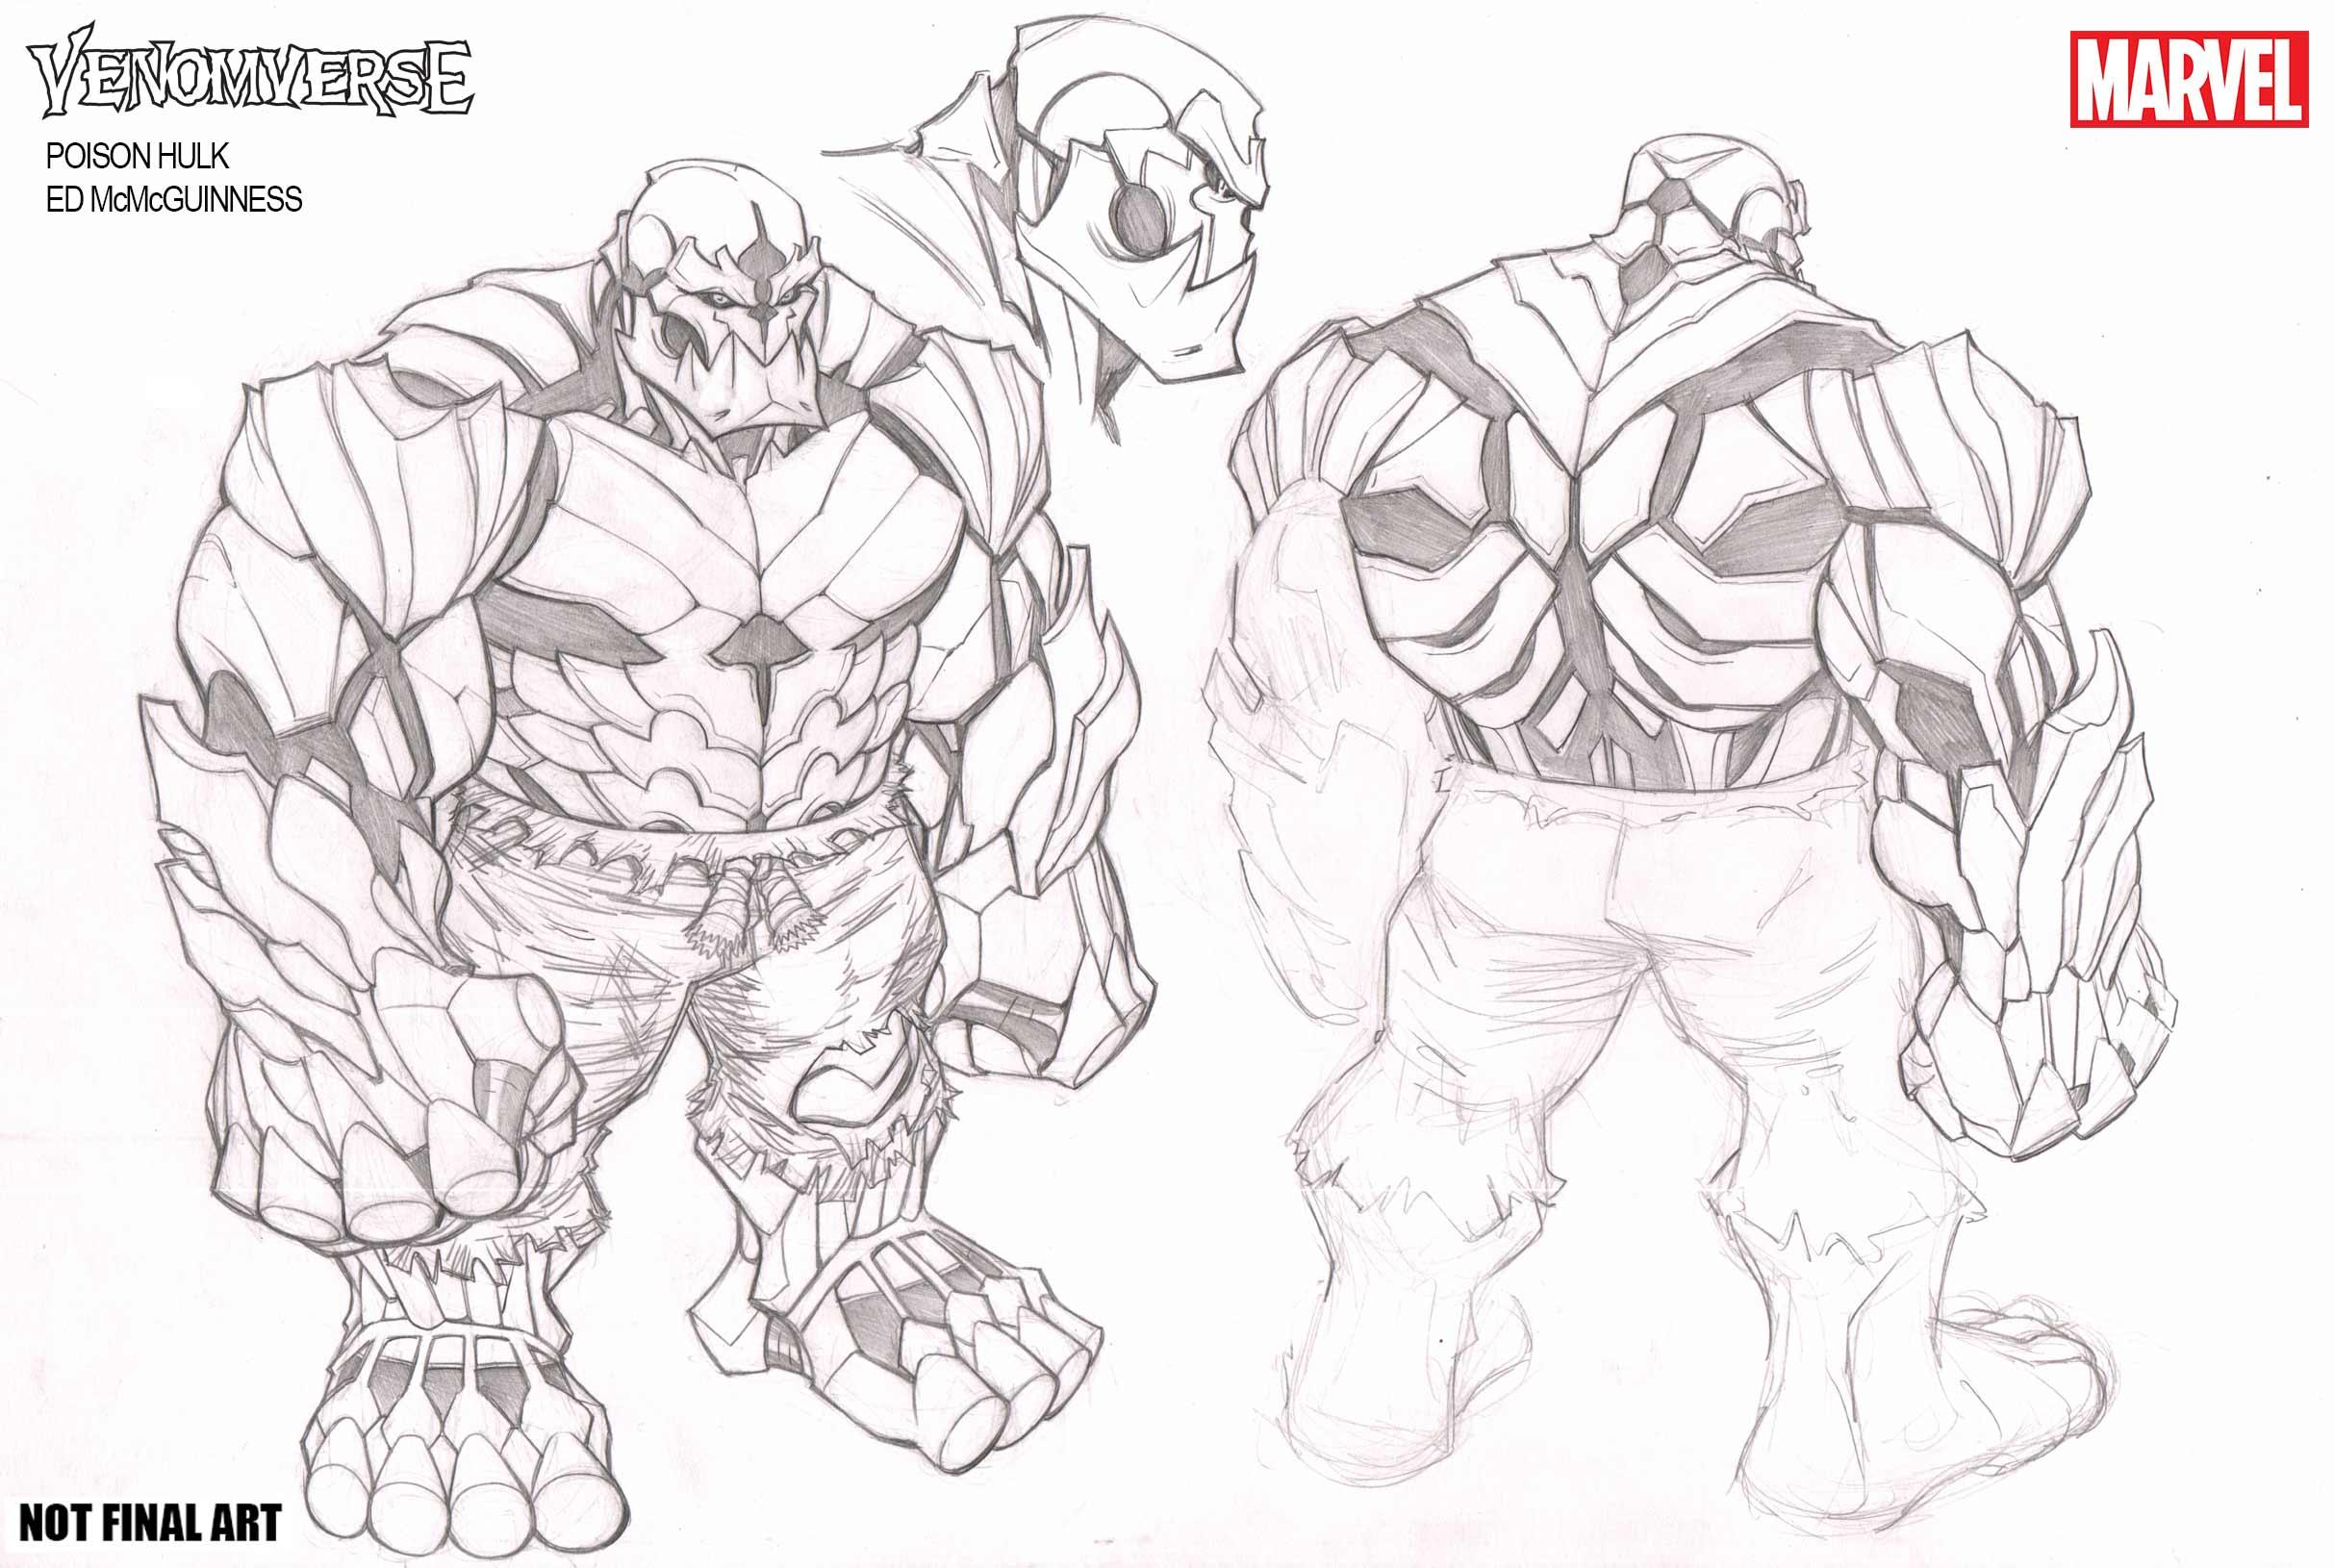 Venomverse Poison Hulk